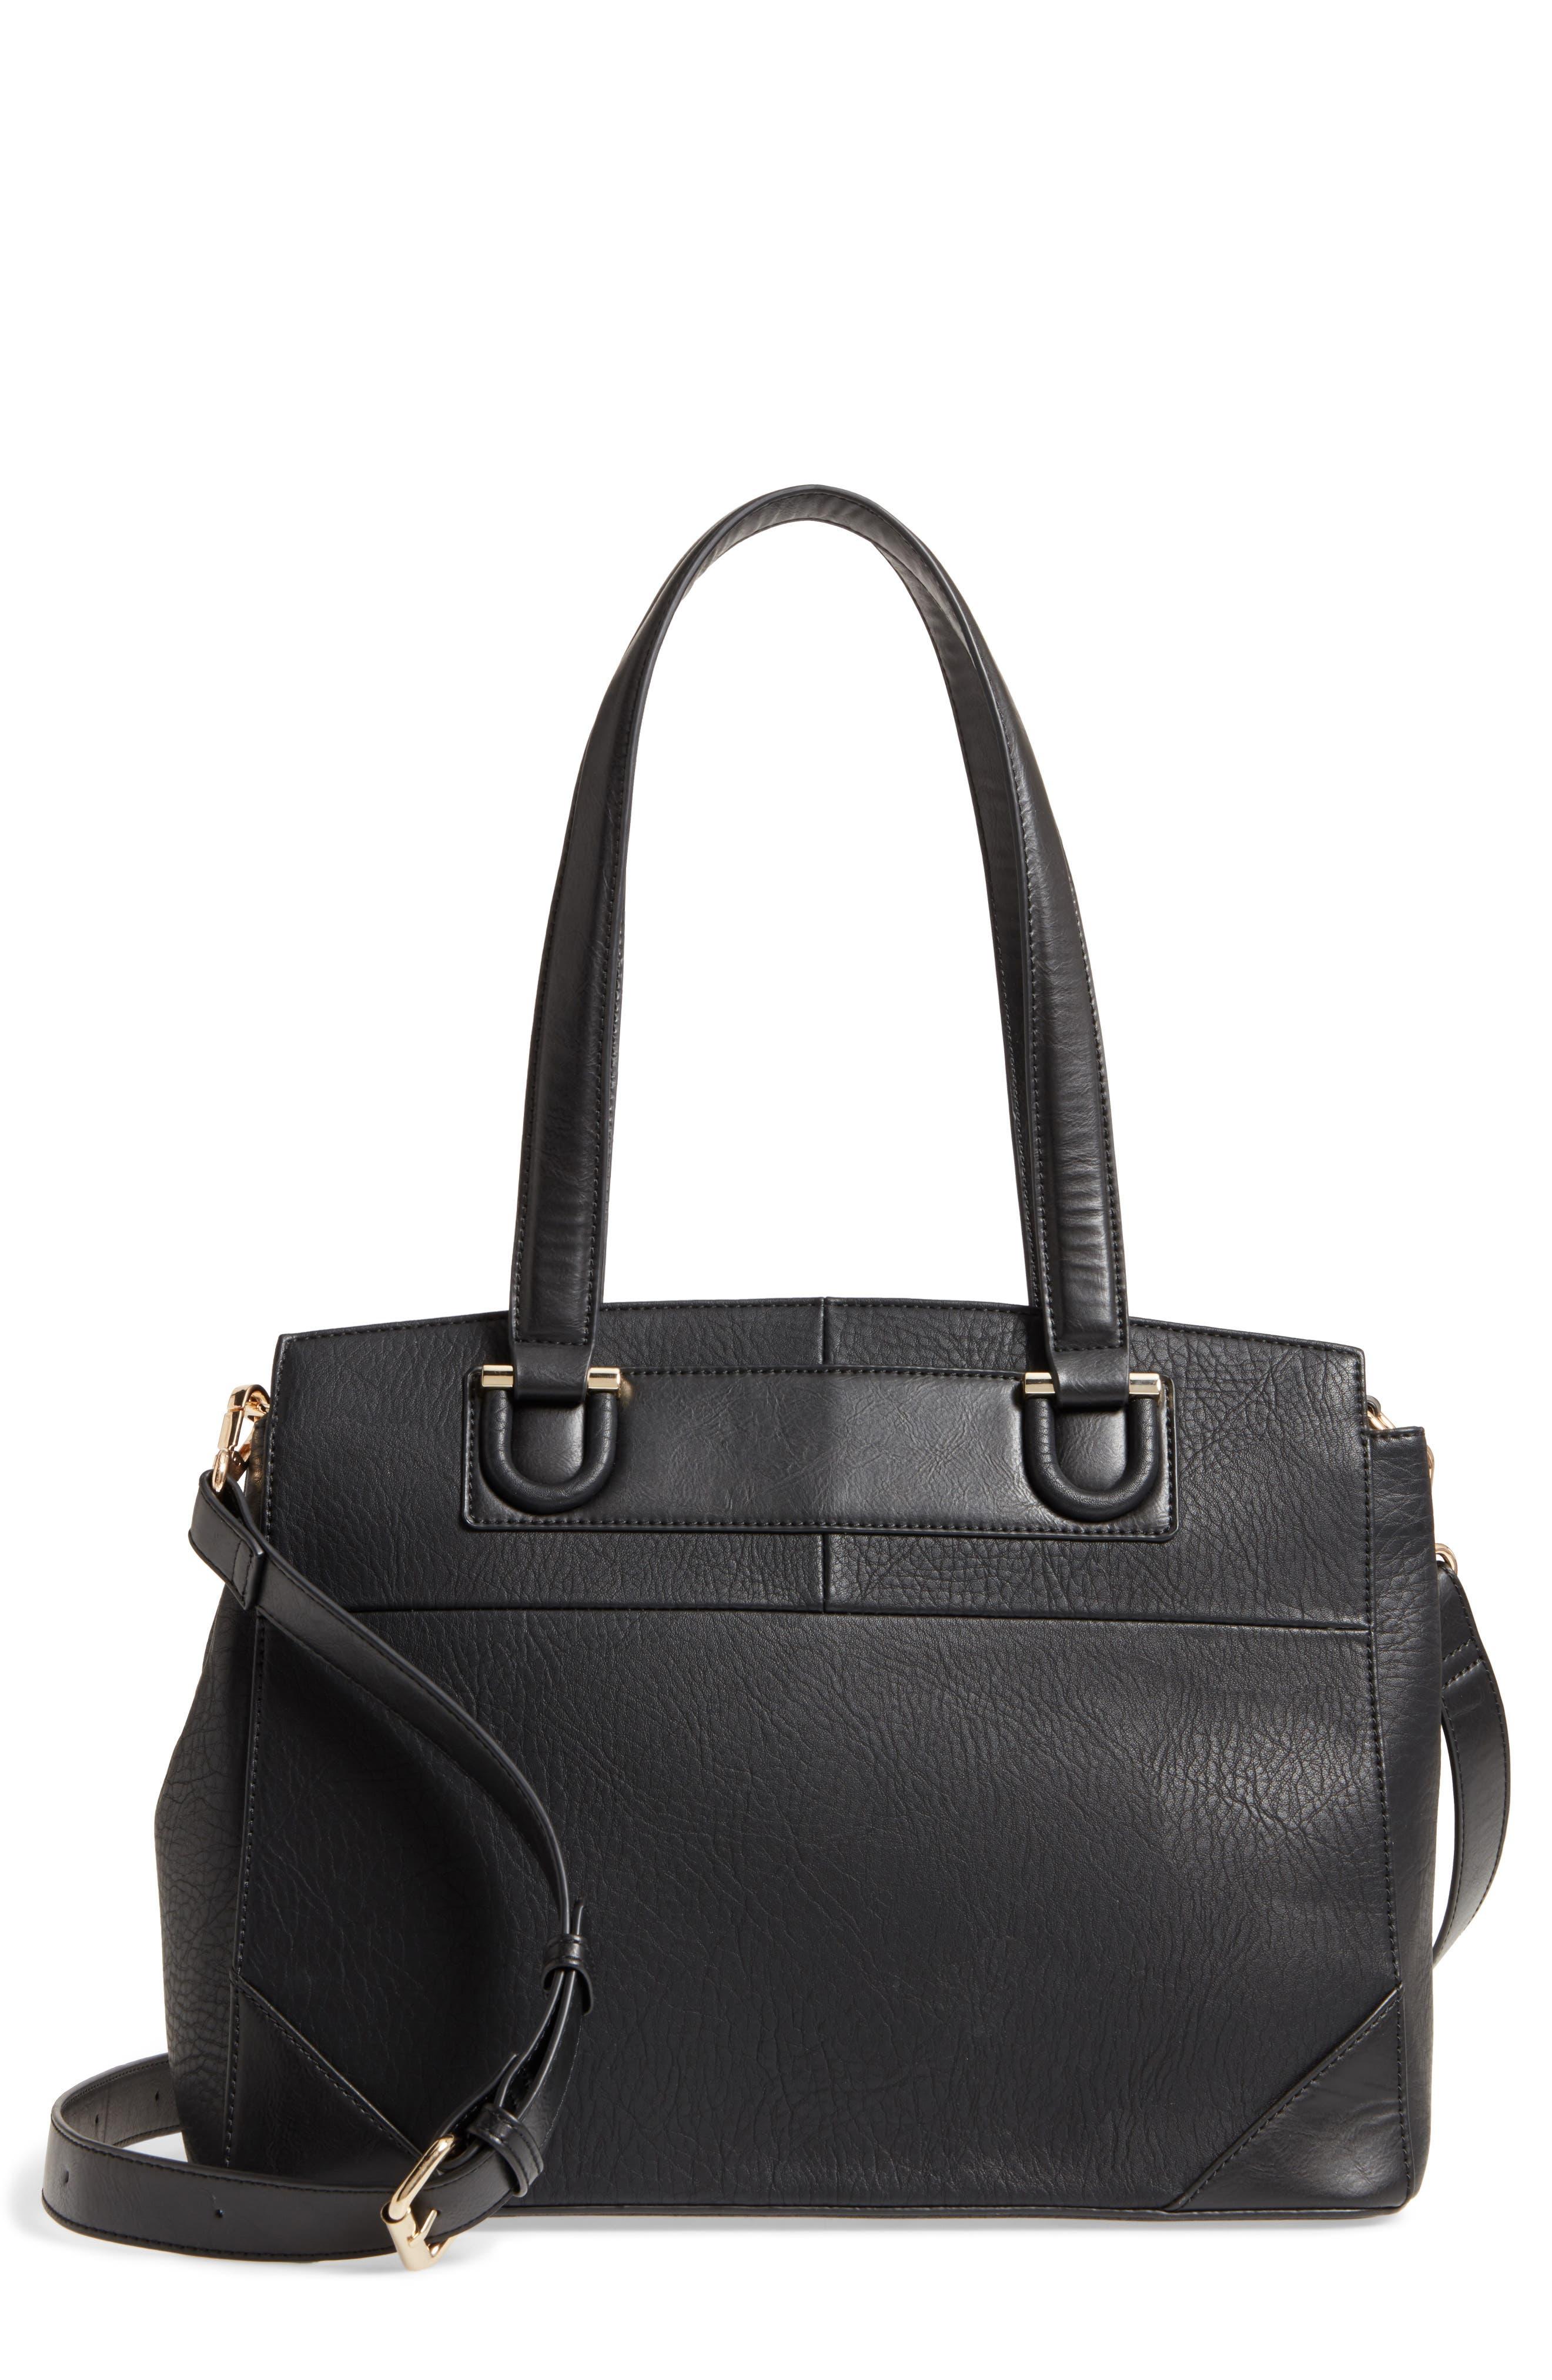 Sterling Faux Leather Satchel,                             Main thumbnail 1, color,                             BLACK